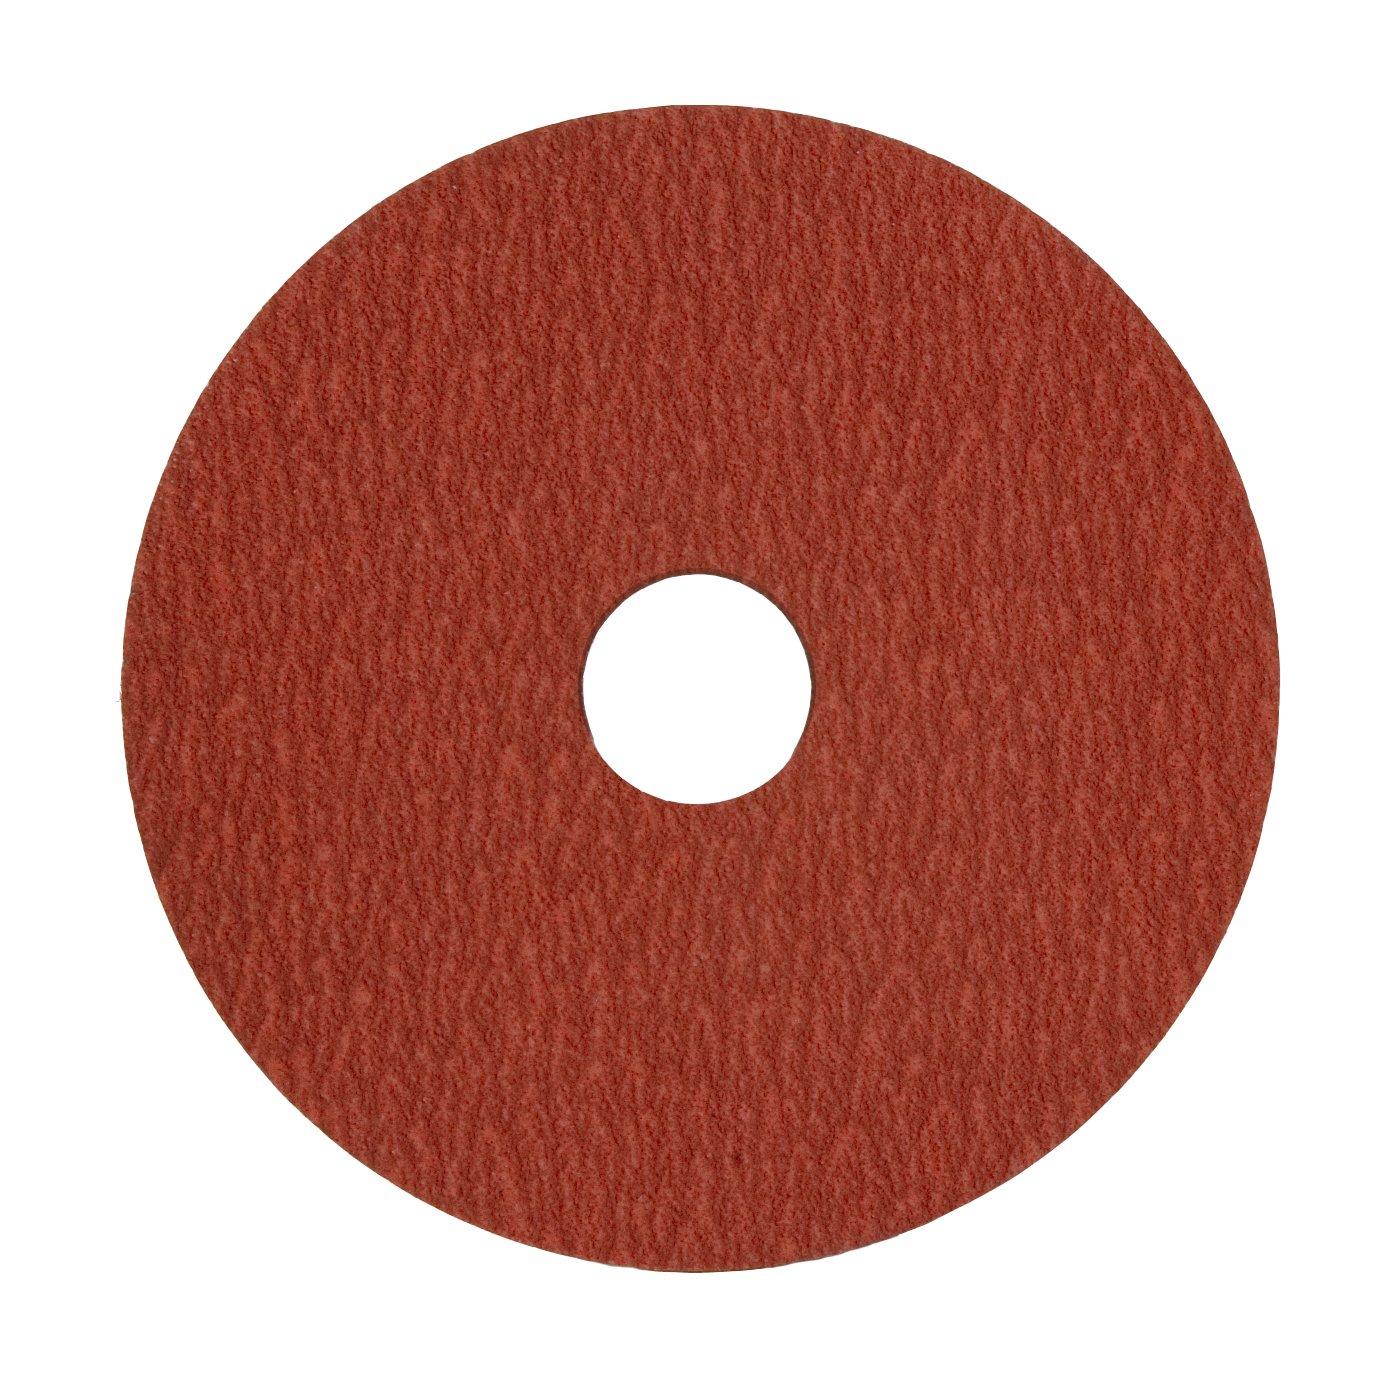 18 Length 80 Grit VSM 113465 Abrasive Belt 1//2 Width 18 Length VSM Abrasives Co. Black Silicon Carbide 1//2 Width Medium Grade Cloth Backing Pack of 20